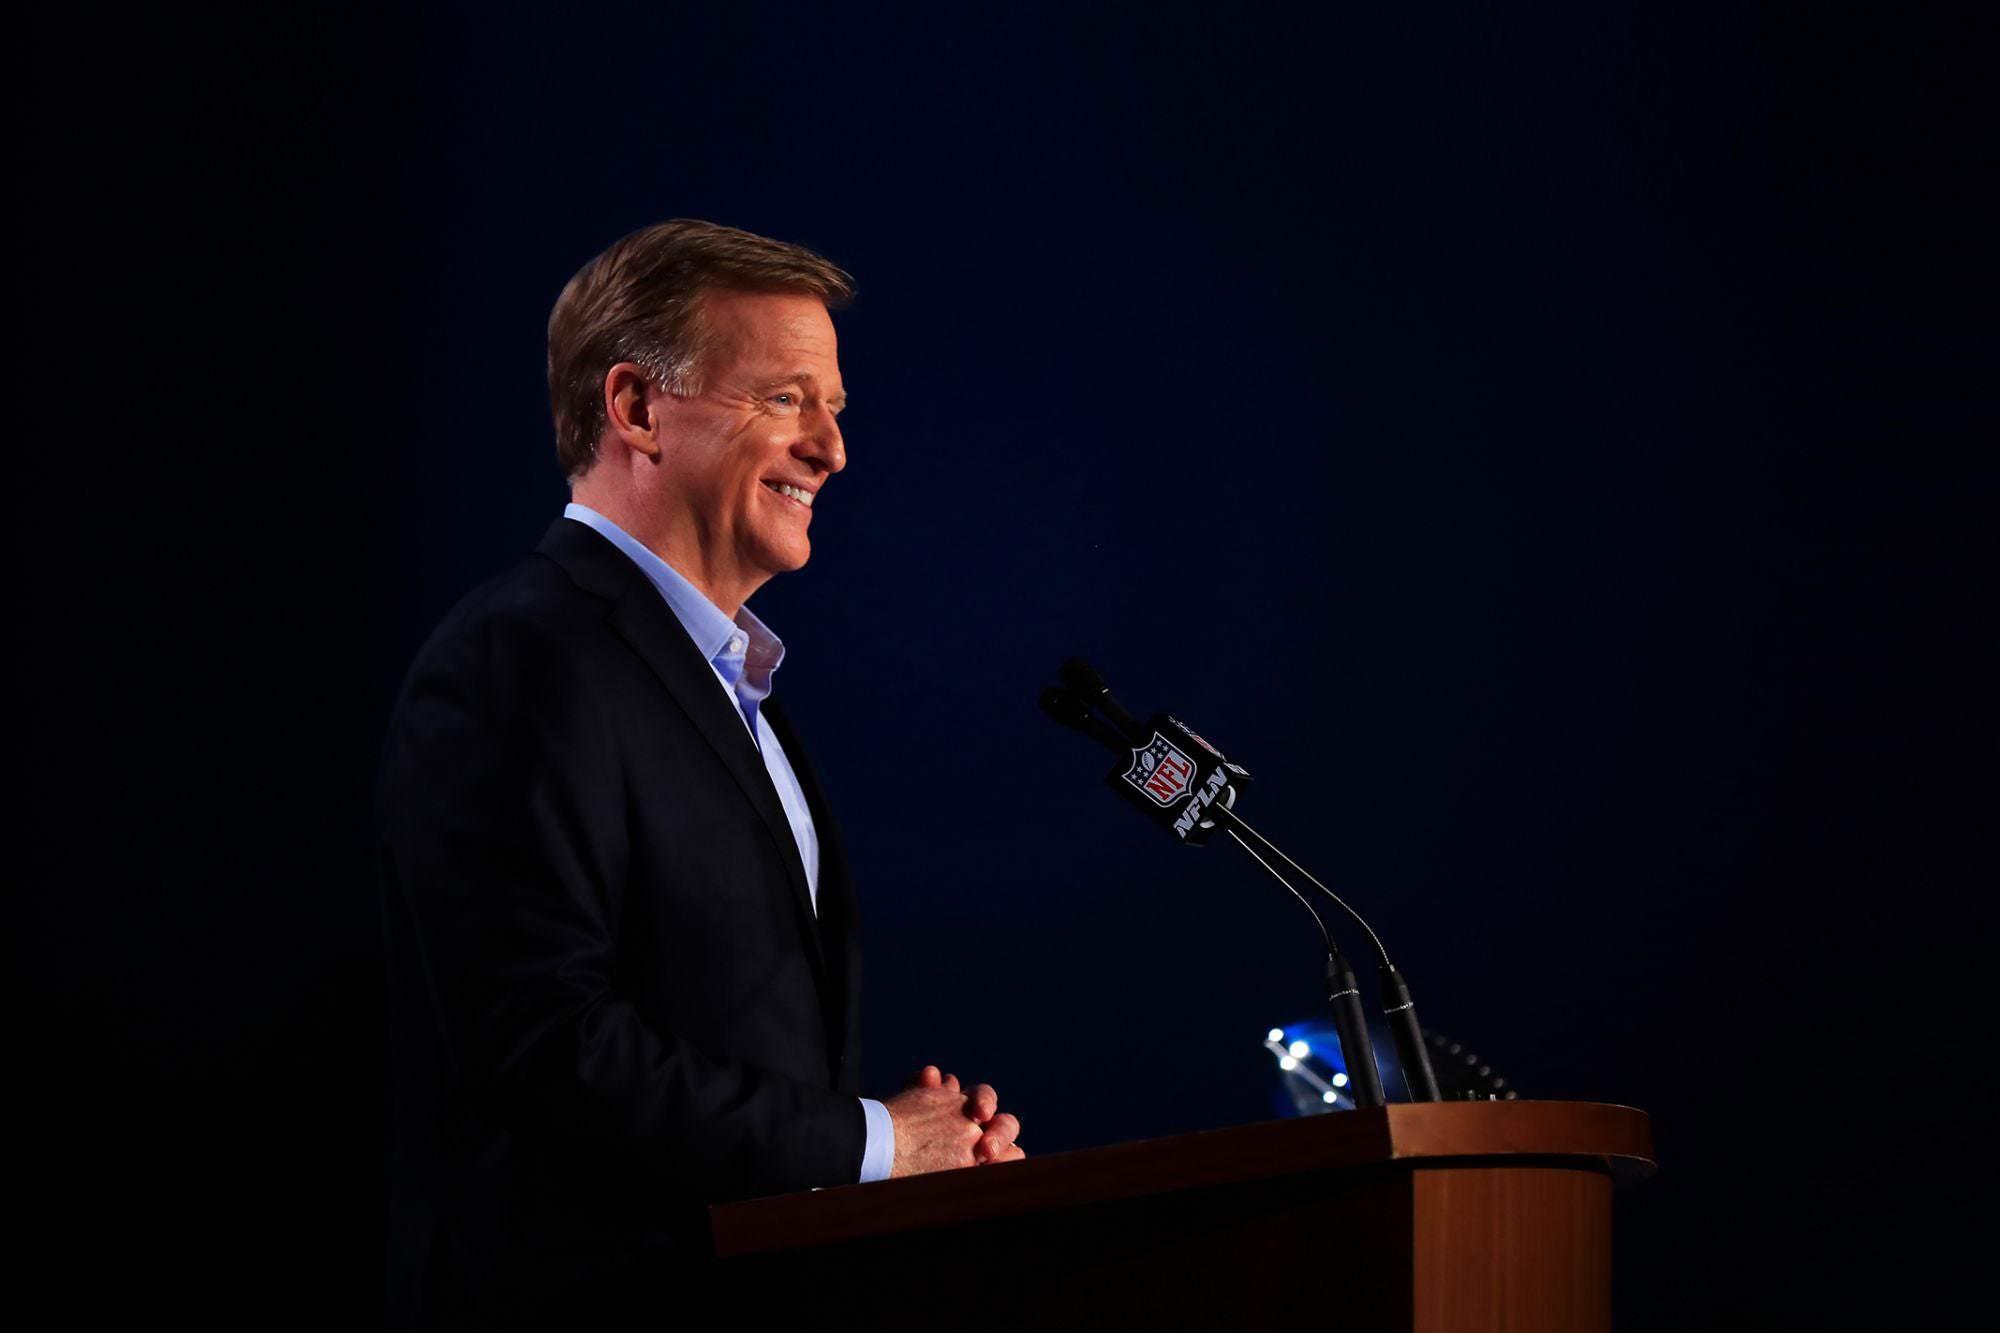 Lições sobre Calor na Liderança do Comissário da NFL Roger Goodell